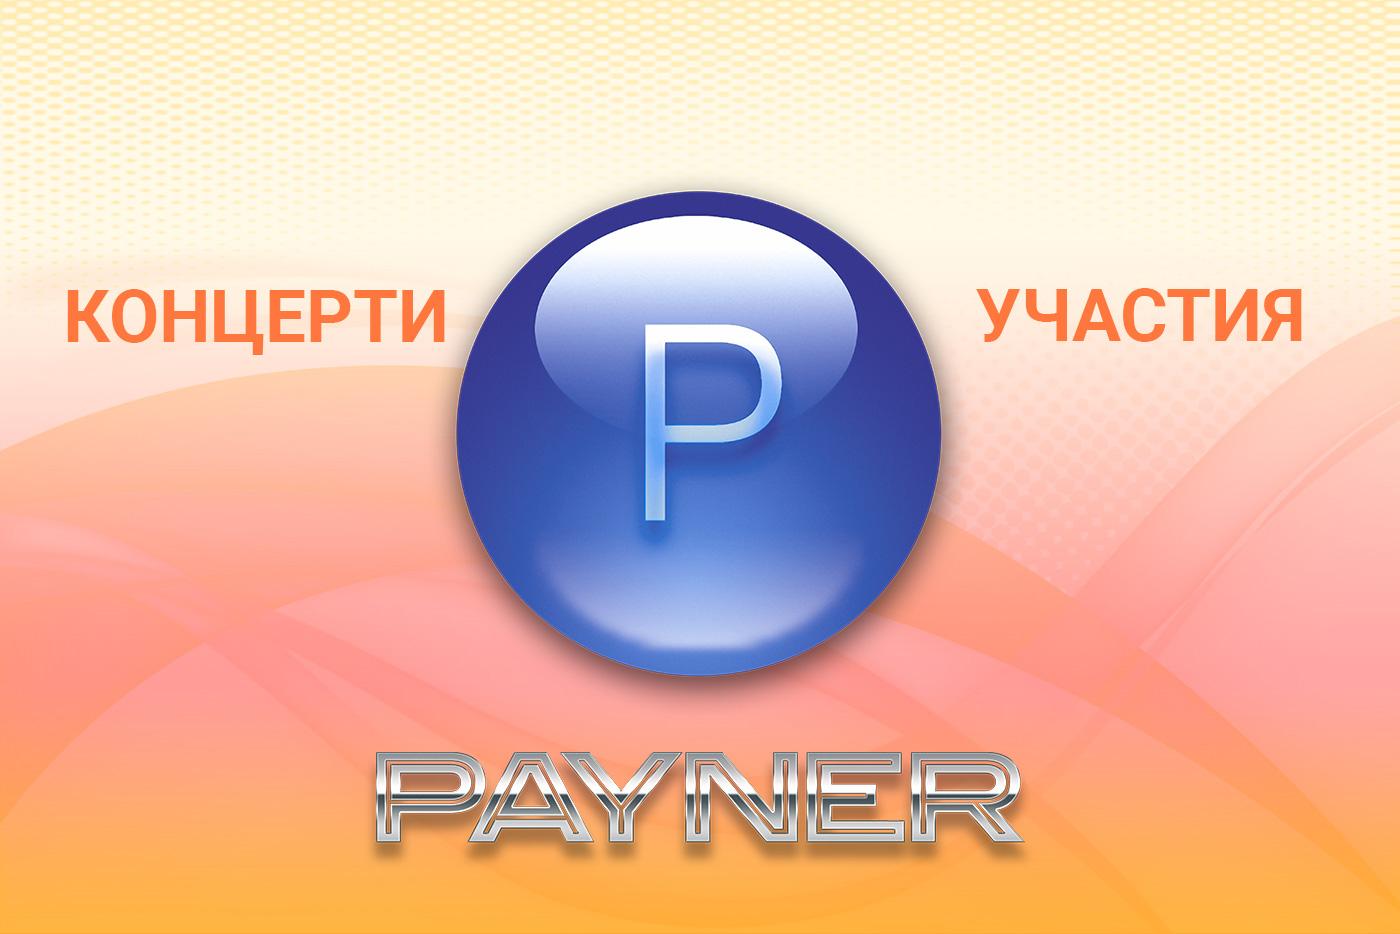 """Участия на звездите на """"Пайнер"""" на 23.08.2019"""